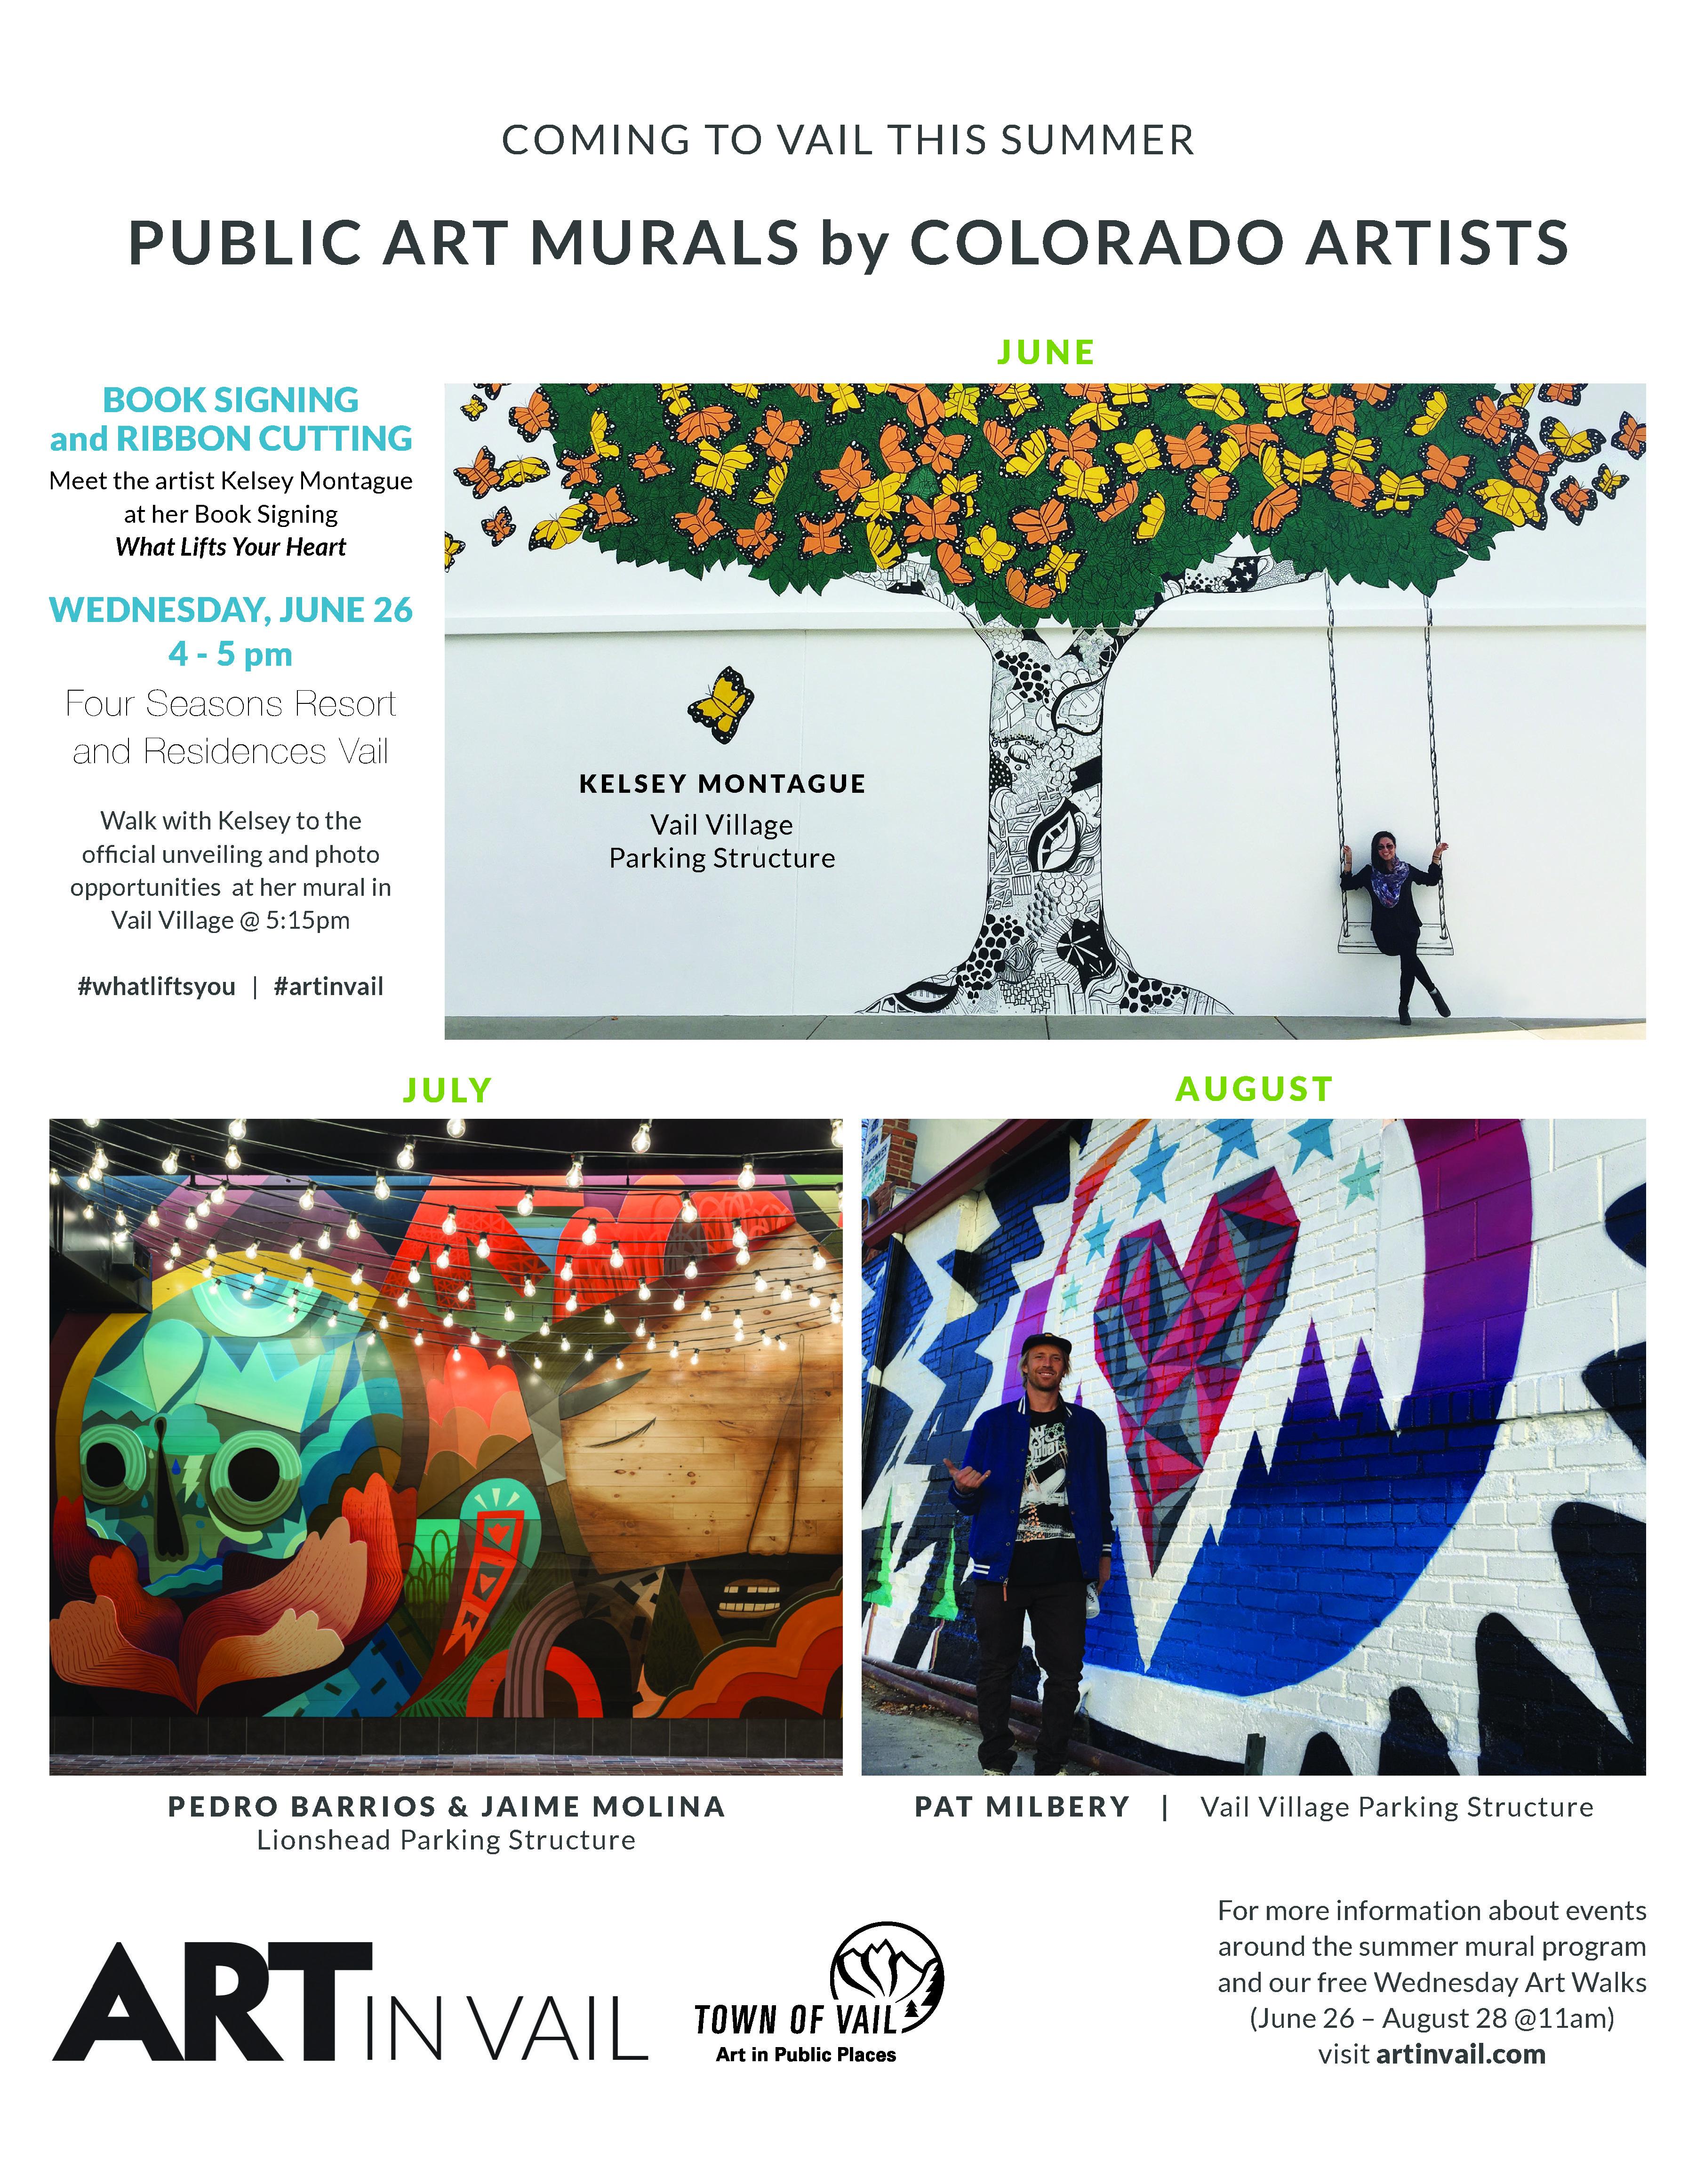 Summer Mural Installations & Programs | Vail Valley Partnership